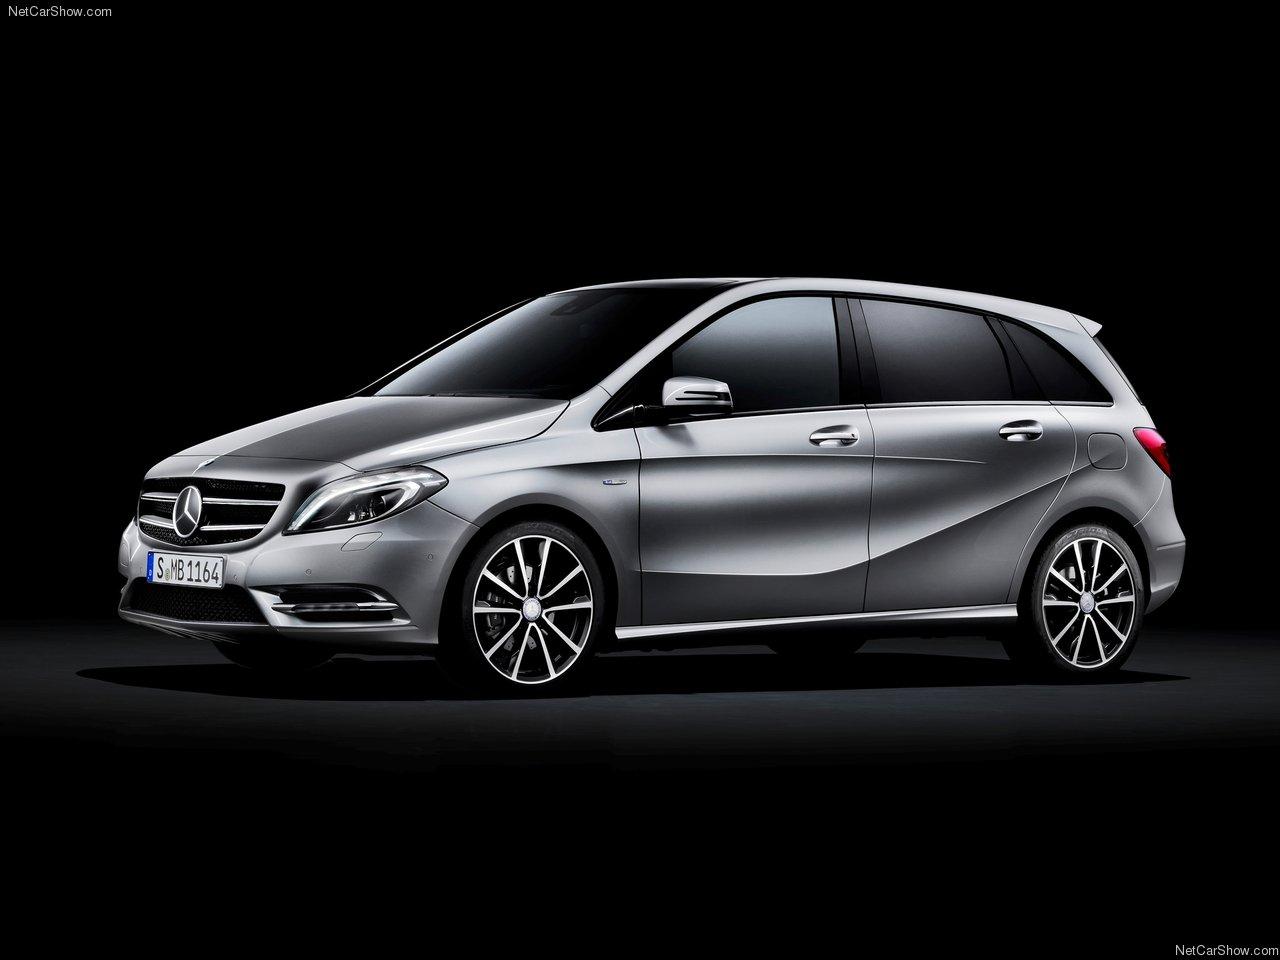 http://1.bp.blogspot.com/-PXWZg9ACN8I/ToY72hZumbI/AAAAAAAADTY/-ffcxKK9EUw/s1600/Mercedes-Benz-B-Class_2012_1280x960_wallpaper_1a.jpg